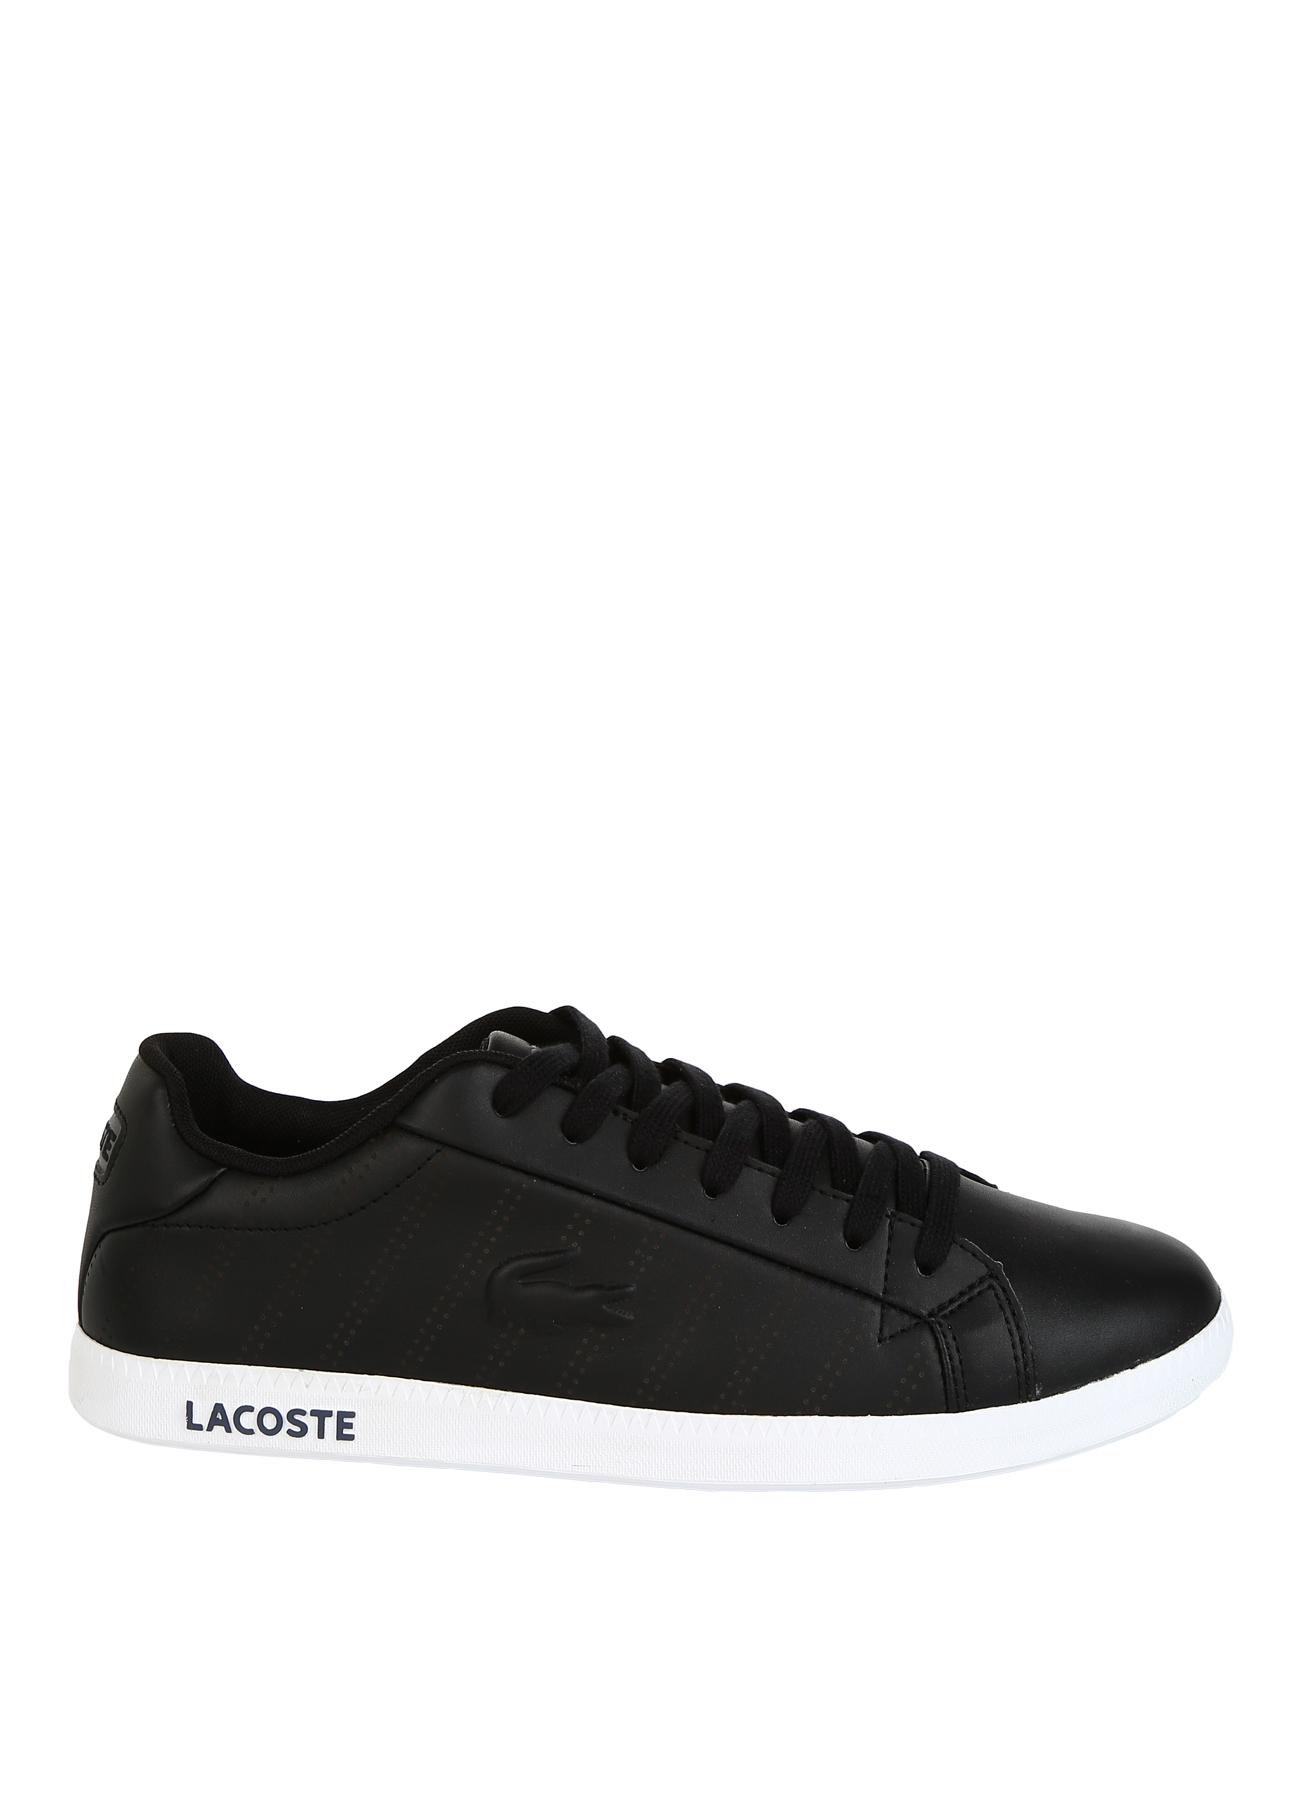 Lacoste Erkek Deri Lacivert Lifestyle Ayakkabı 44 5002314254006 Ürün Resmi